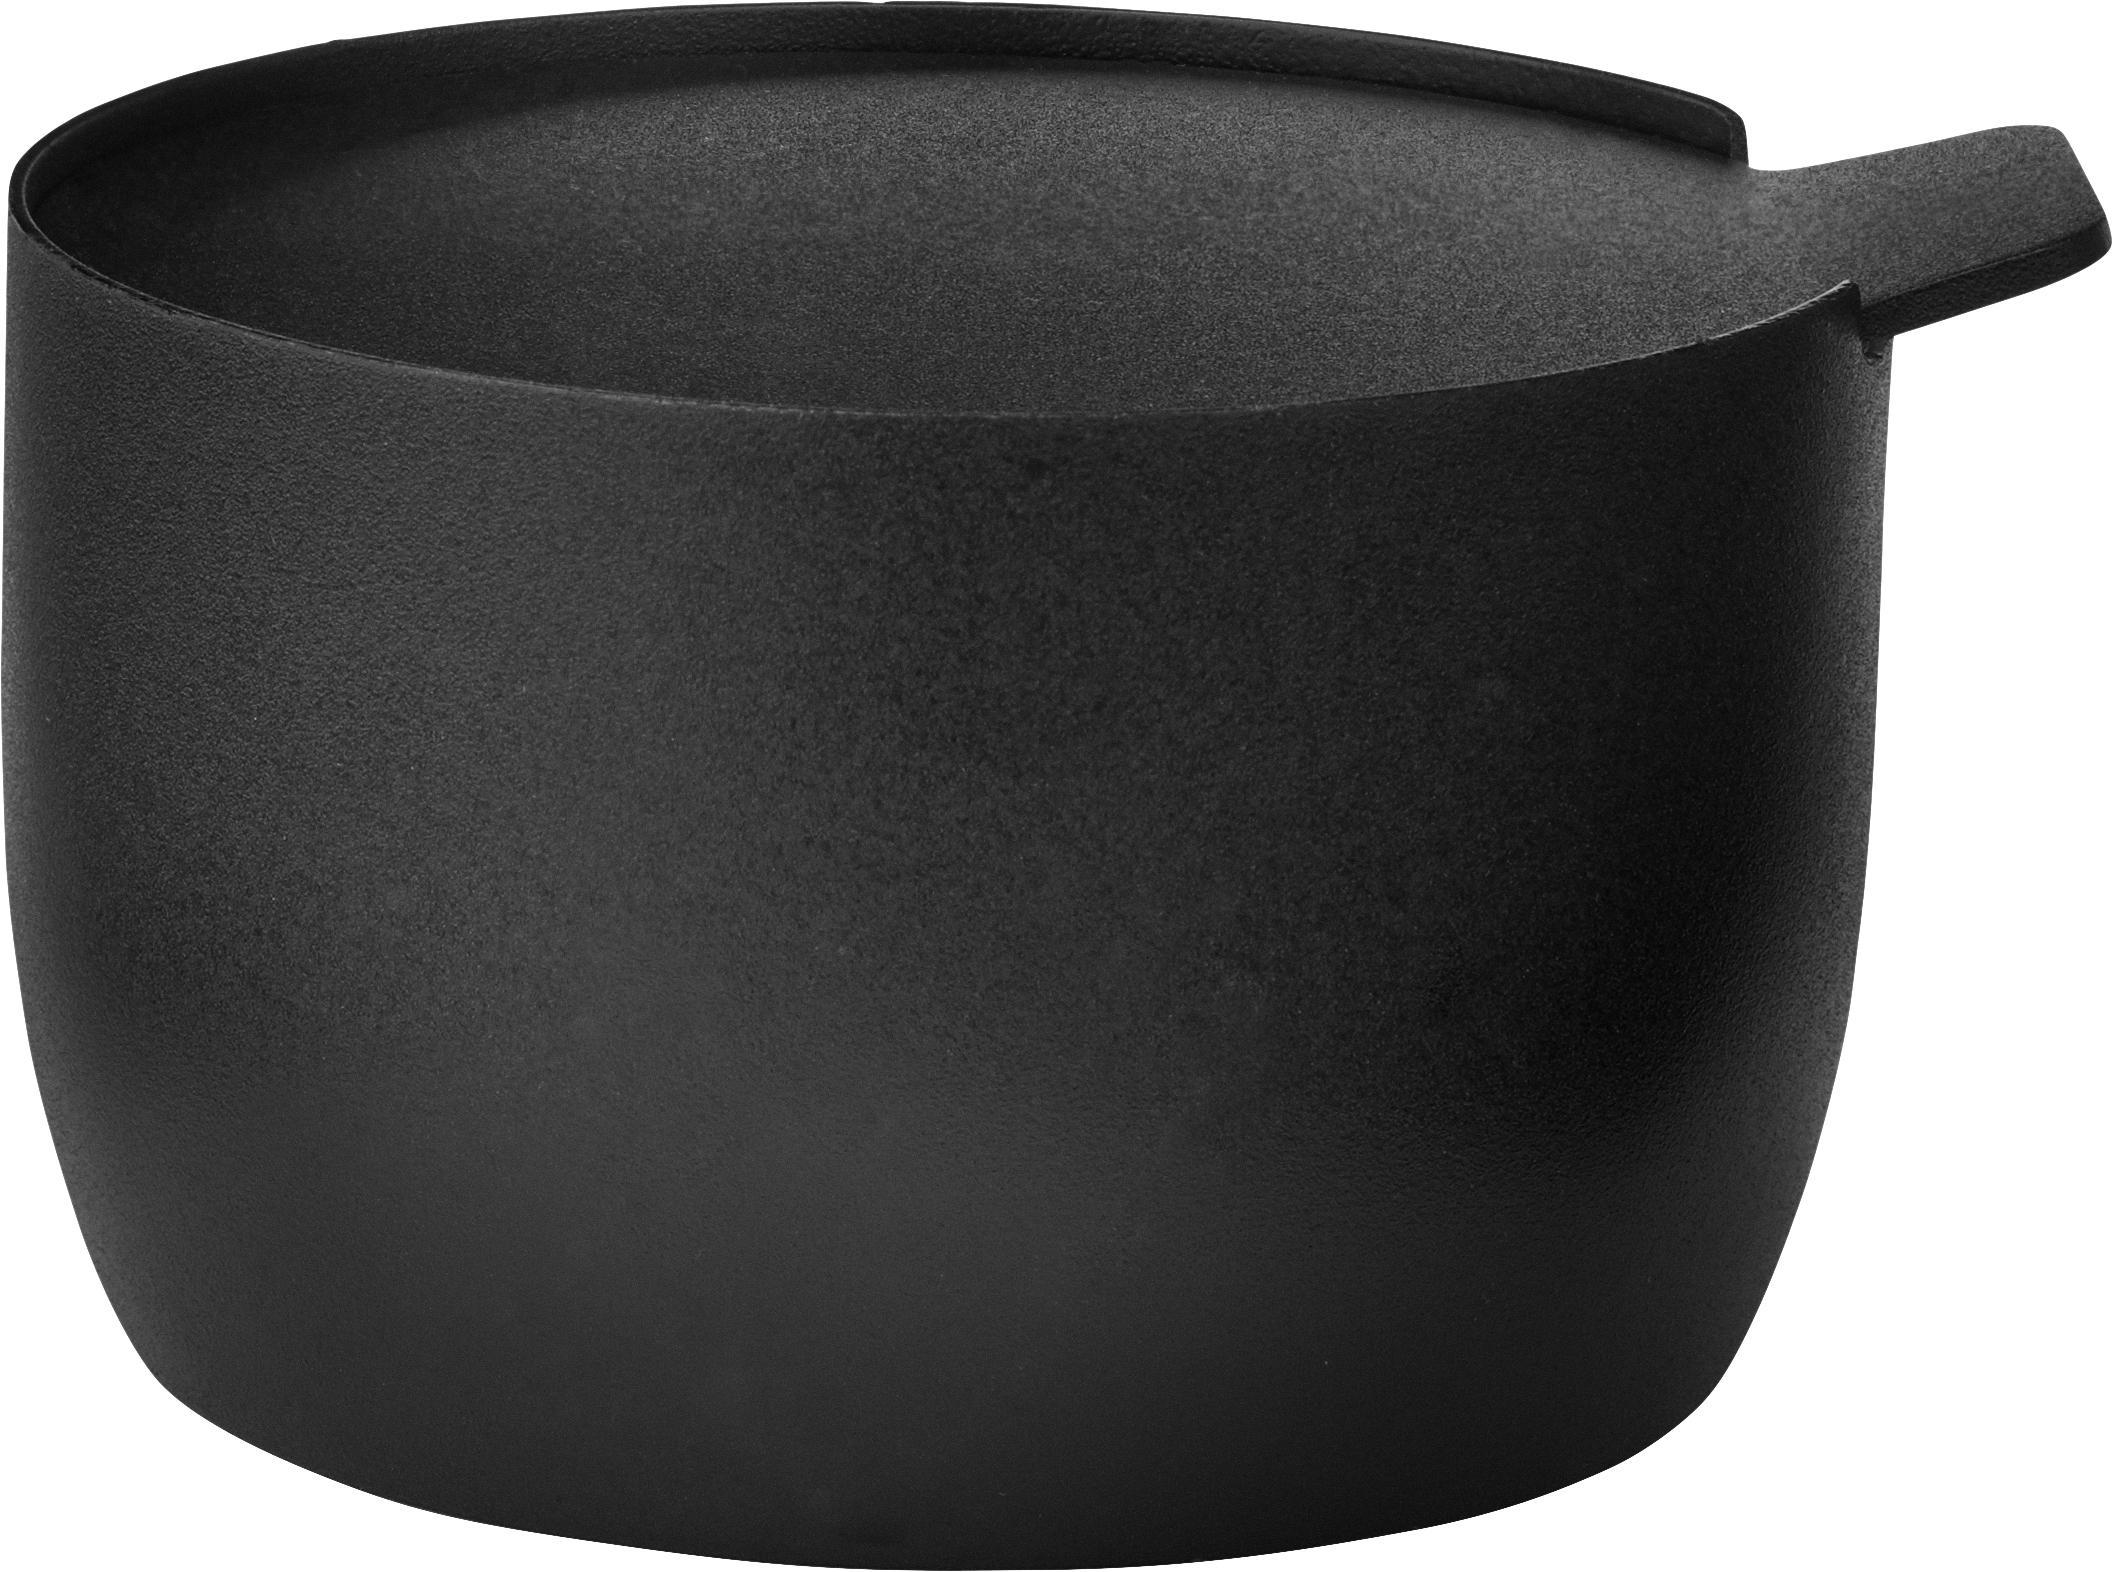 Zuckerdose Collar in Schwarz matt, Edelstahl mit Teflonbeschichtung, Schwarz, Ø 8 x H 6 cm